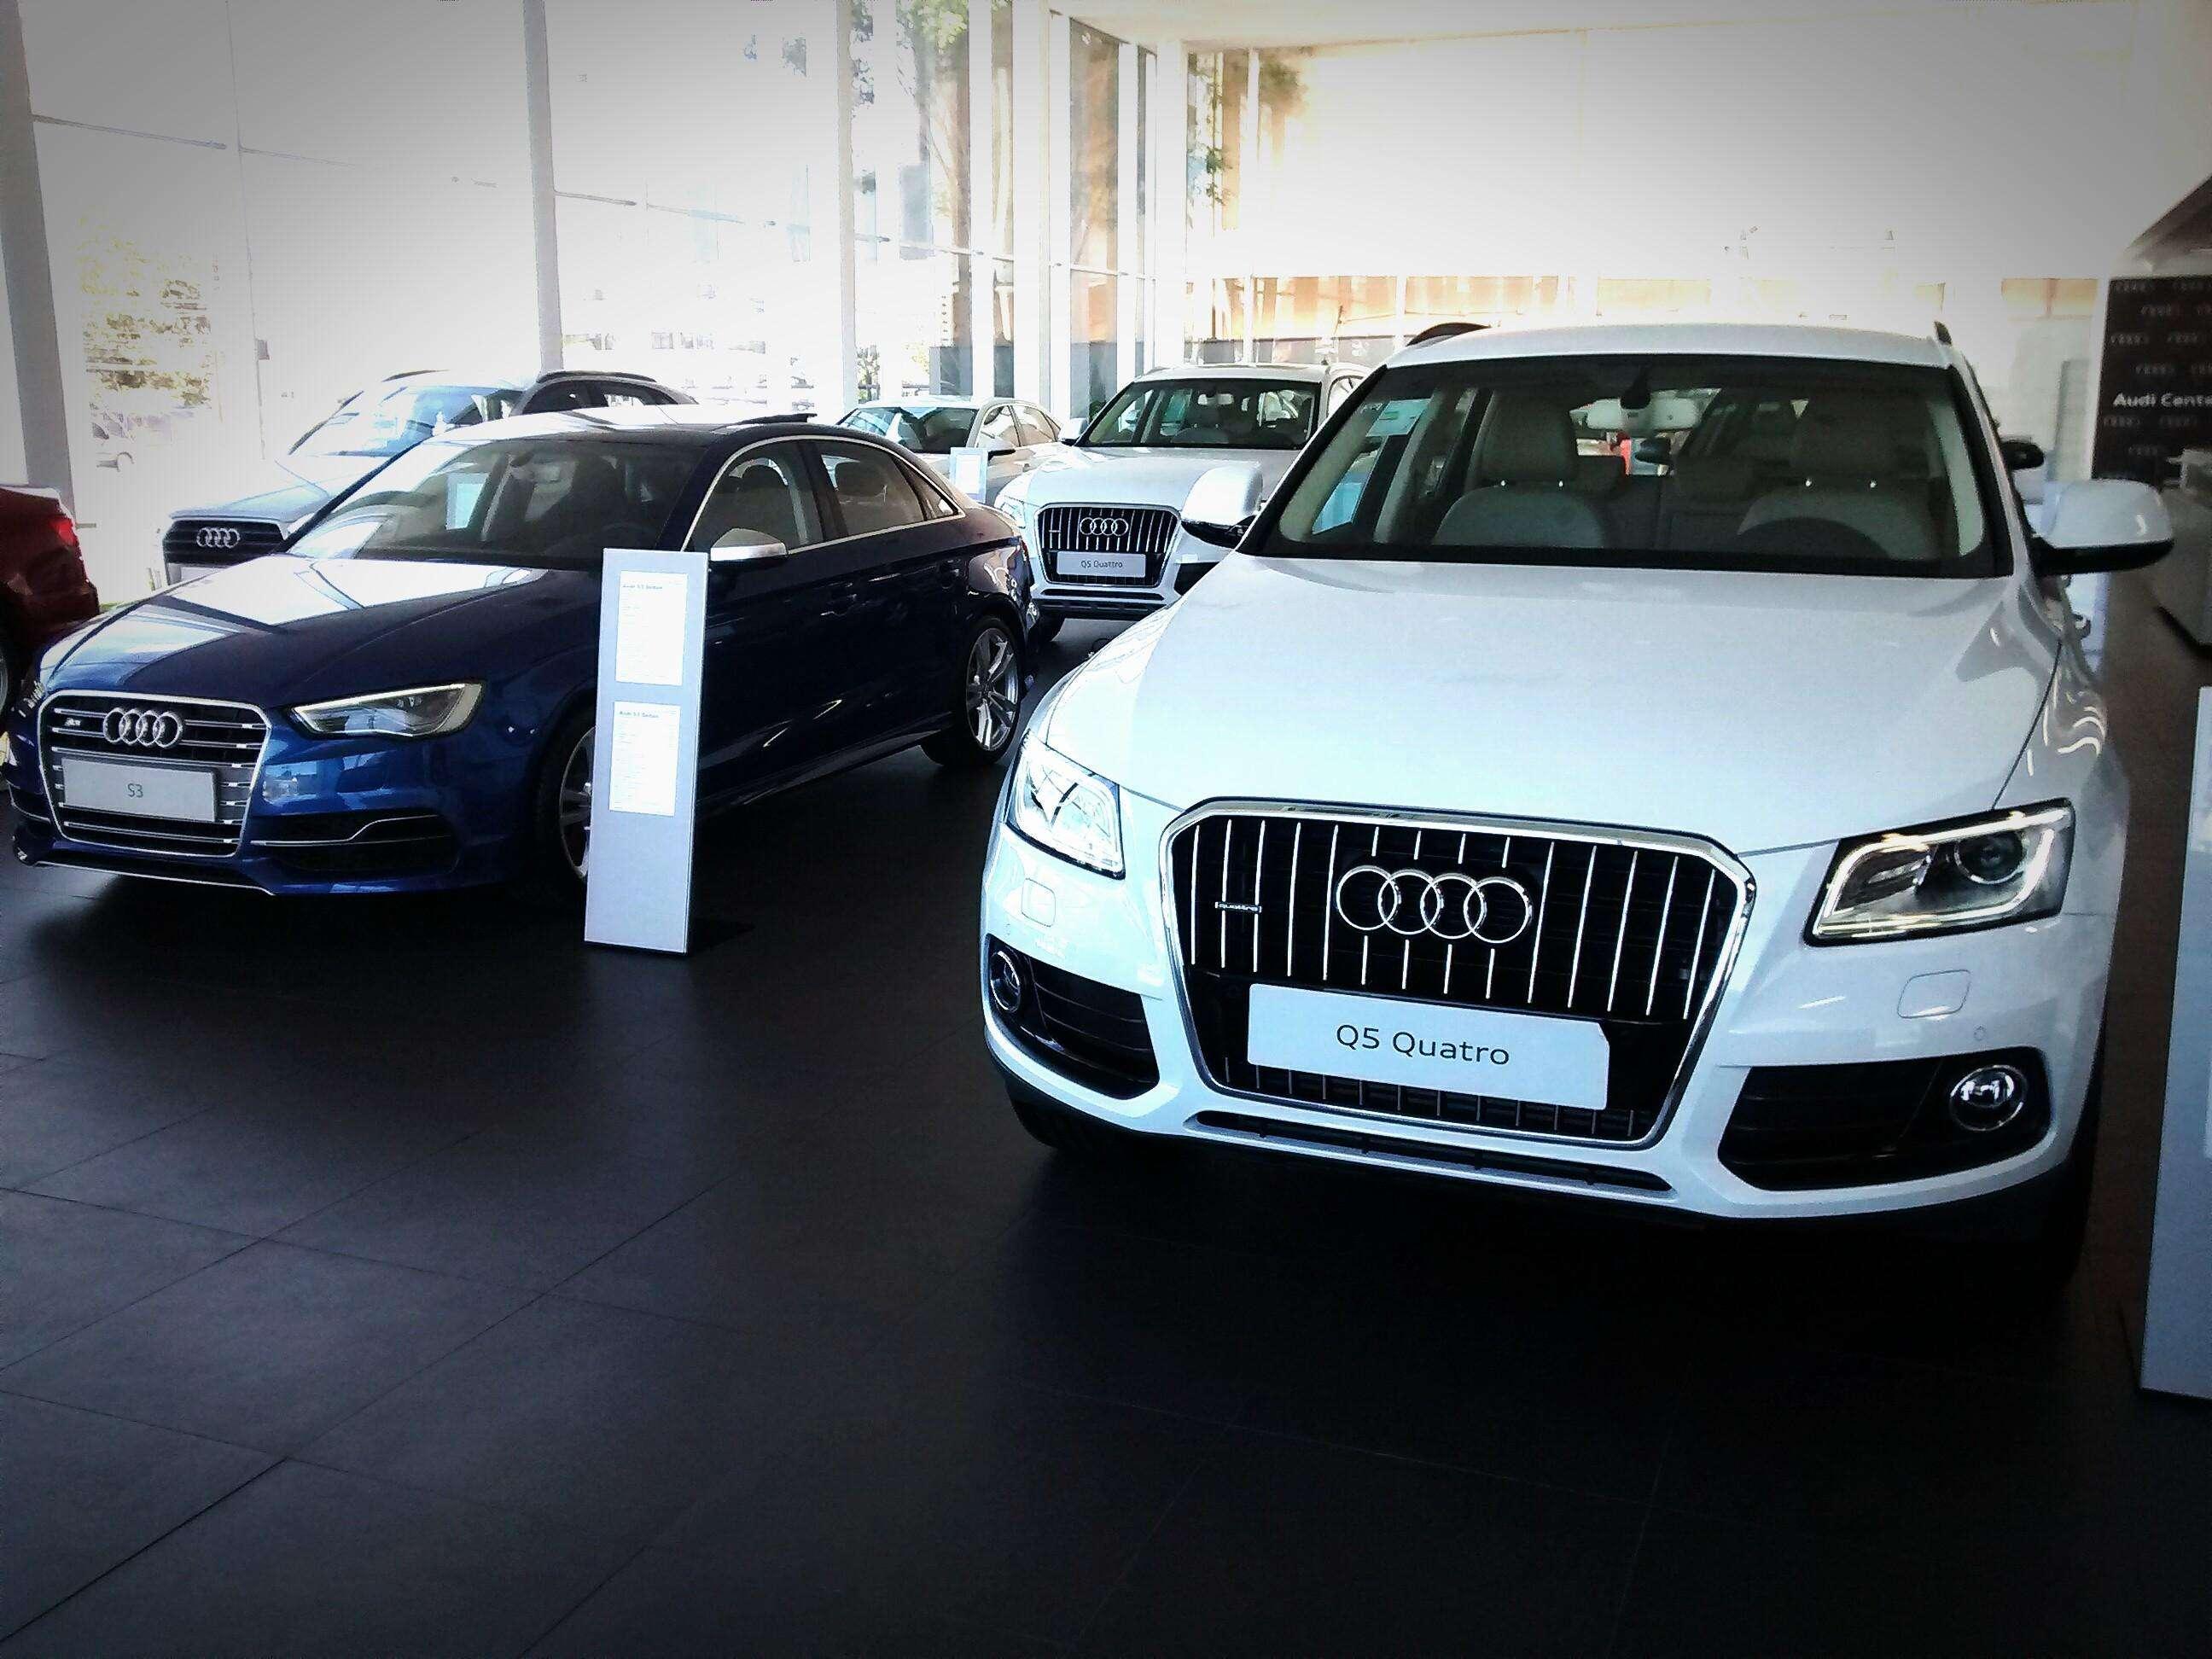 Audi registra crescimento de vendas em todas as regiões do mundo em julho